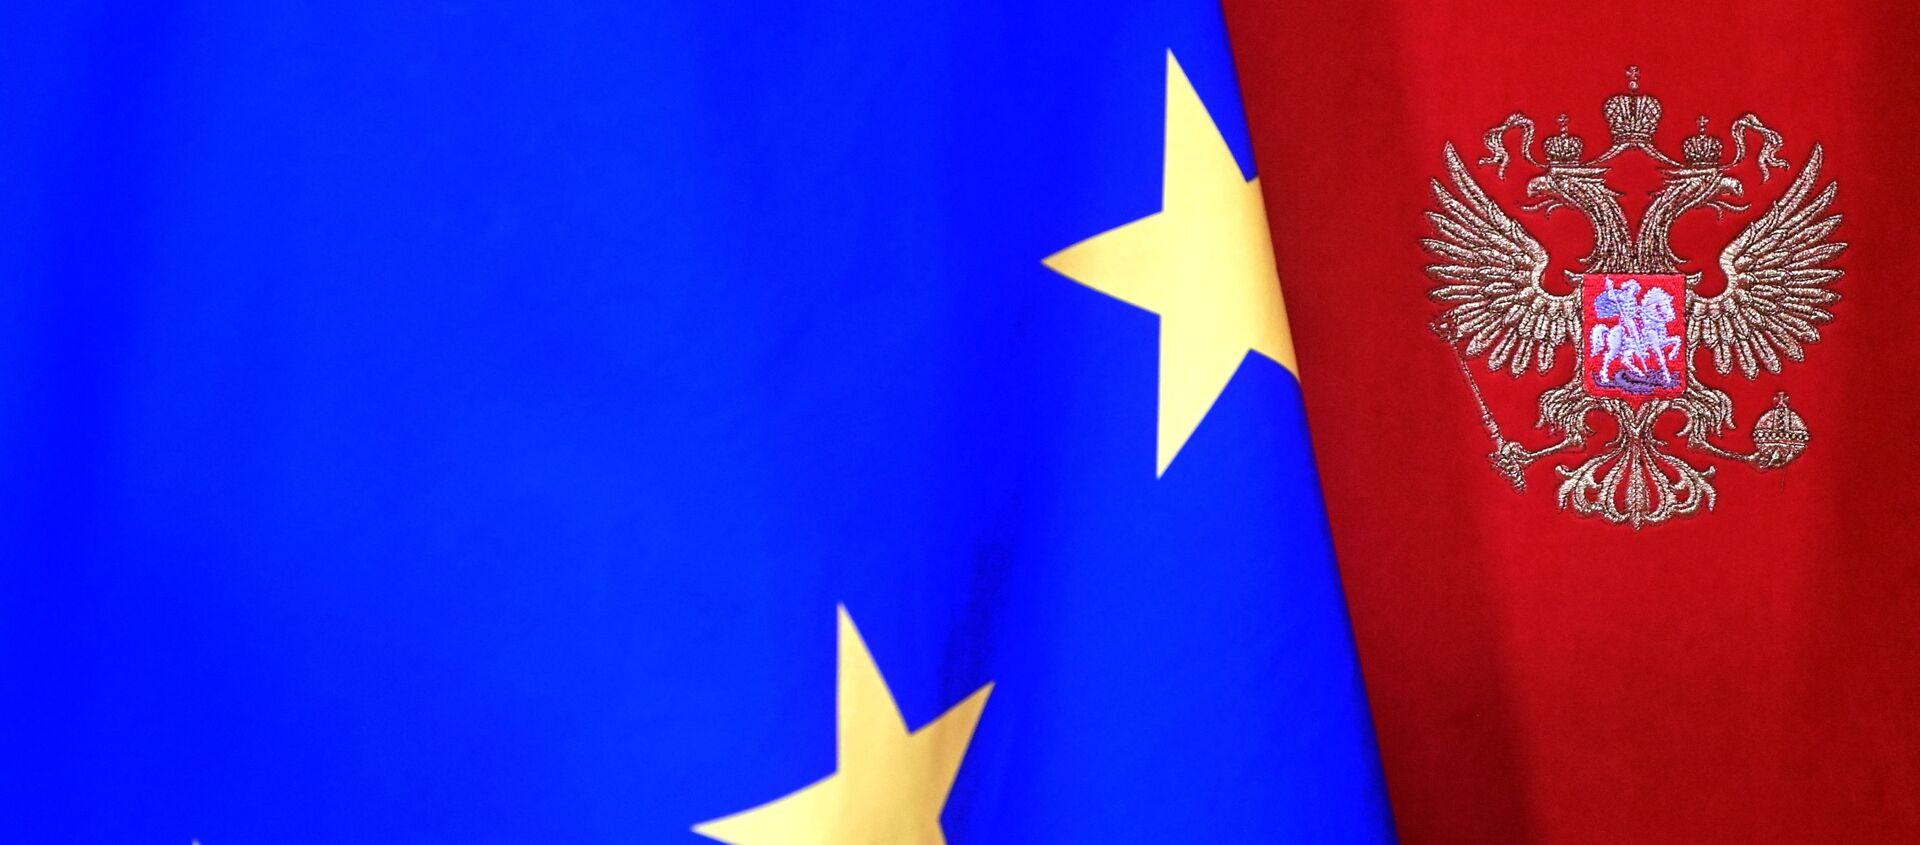 Una bandera de la UE con el escudo de Rusia - Sputnik Mundo, 1920, 05.02.2021